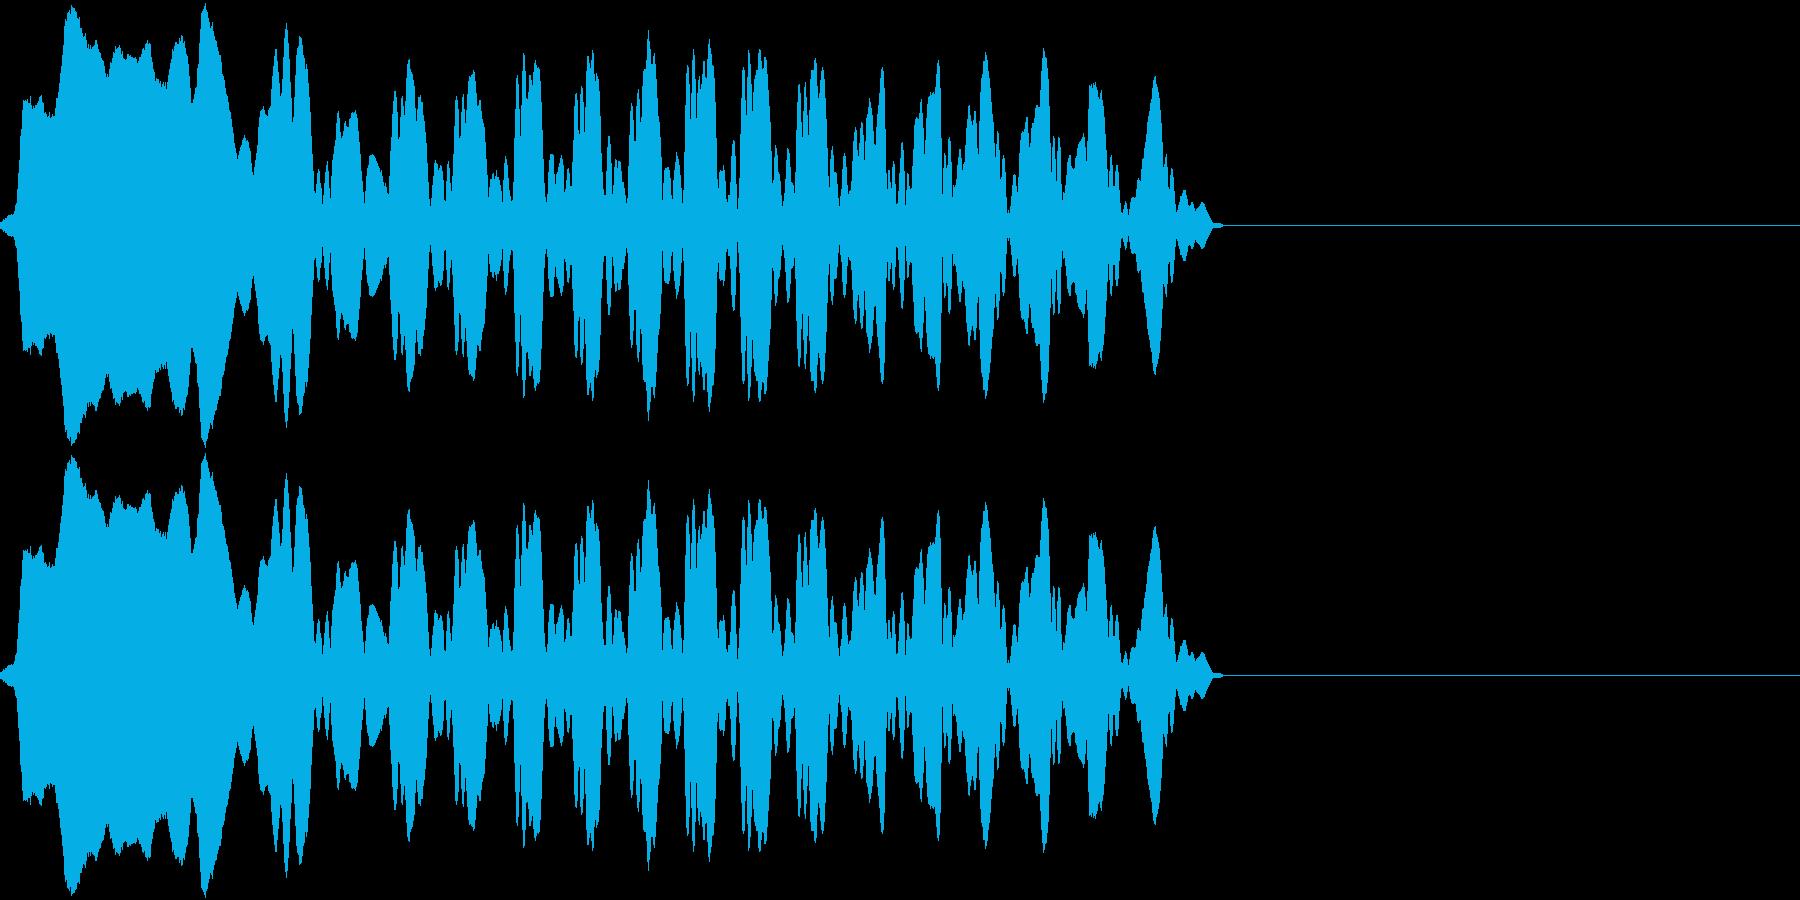 尺八 雅 和風 の再生済みの波形